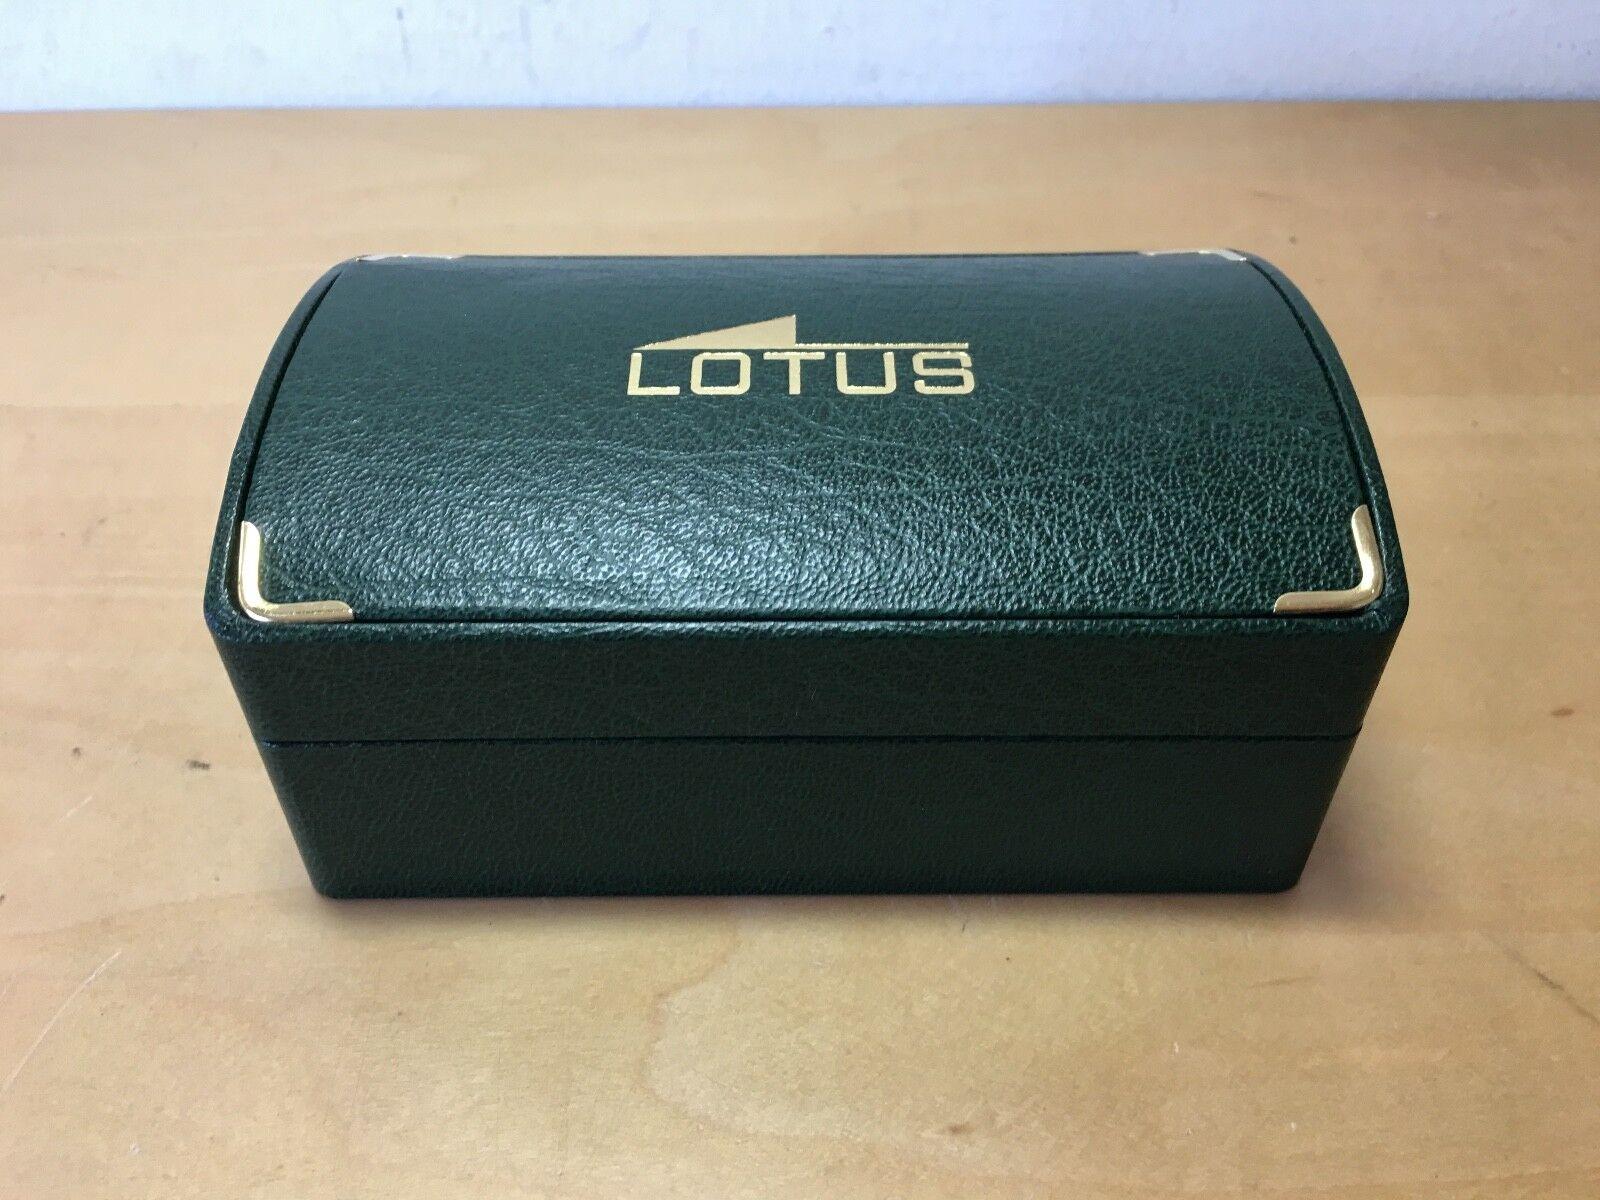 New - Vintage Watch Case LOTUS Estuche Estuche Estuche Reloj - 14 x 9 x 6 5 cm - verde - Nuevo edce7f